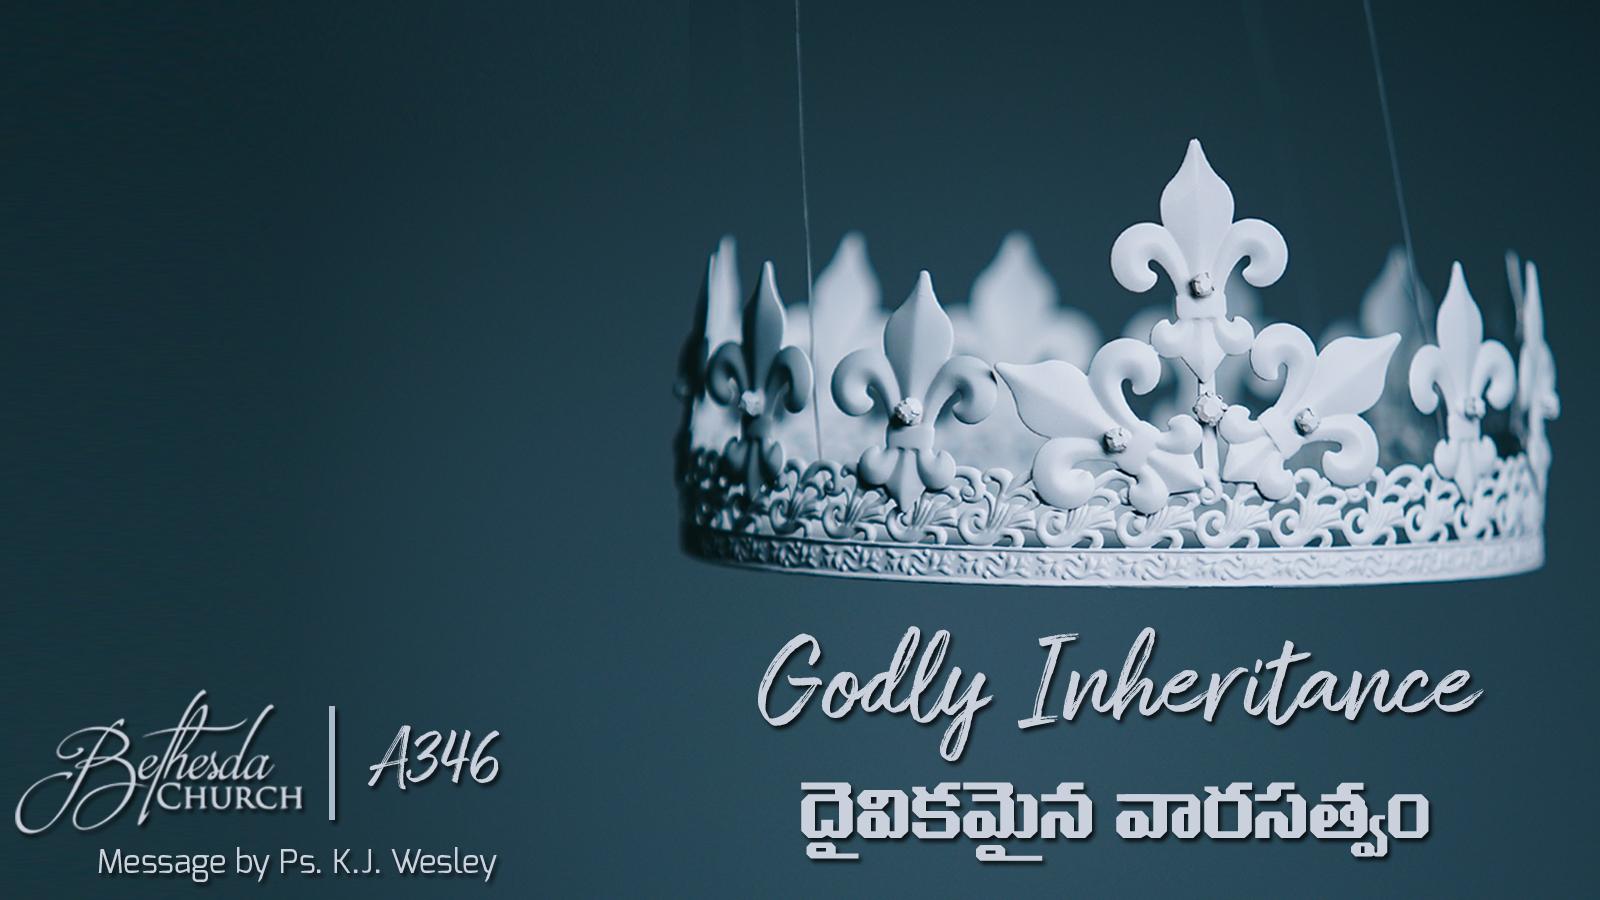 Godly Inheritance (A346)